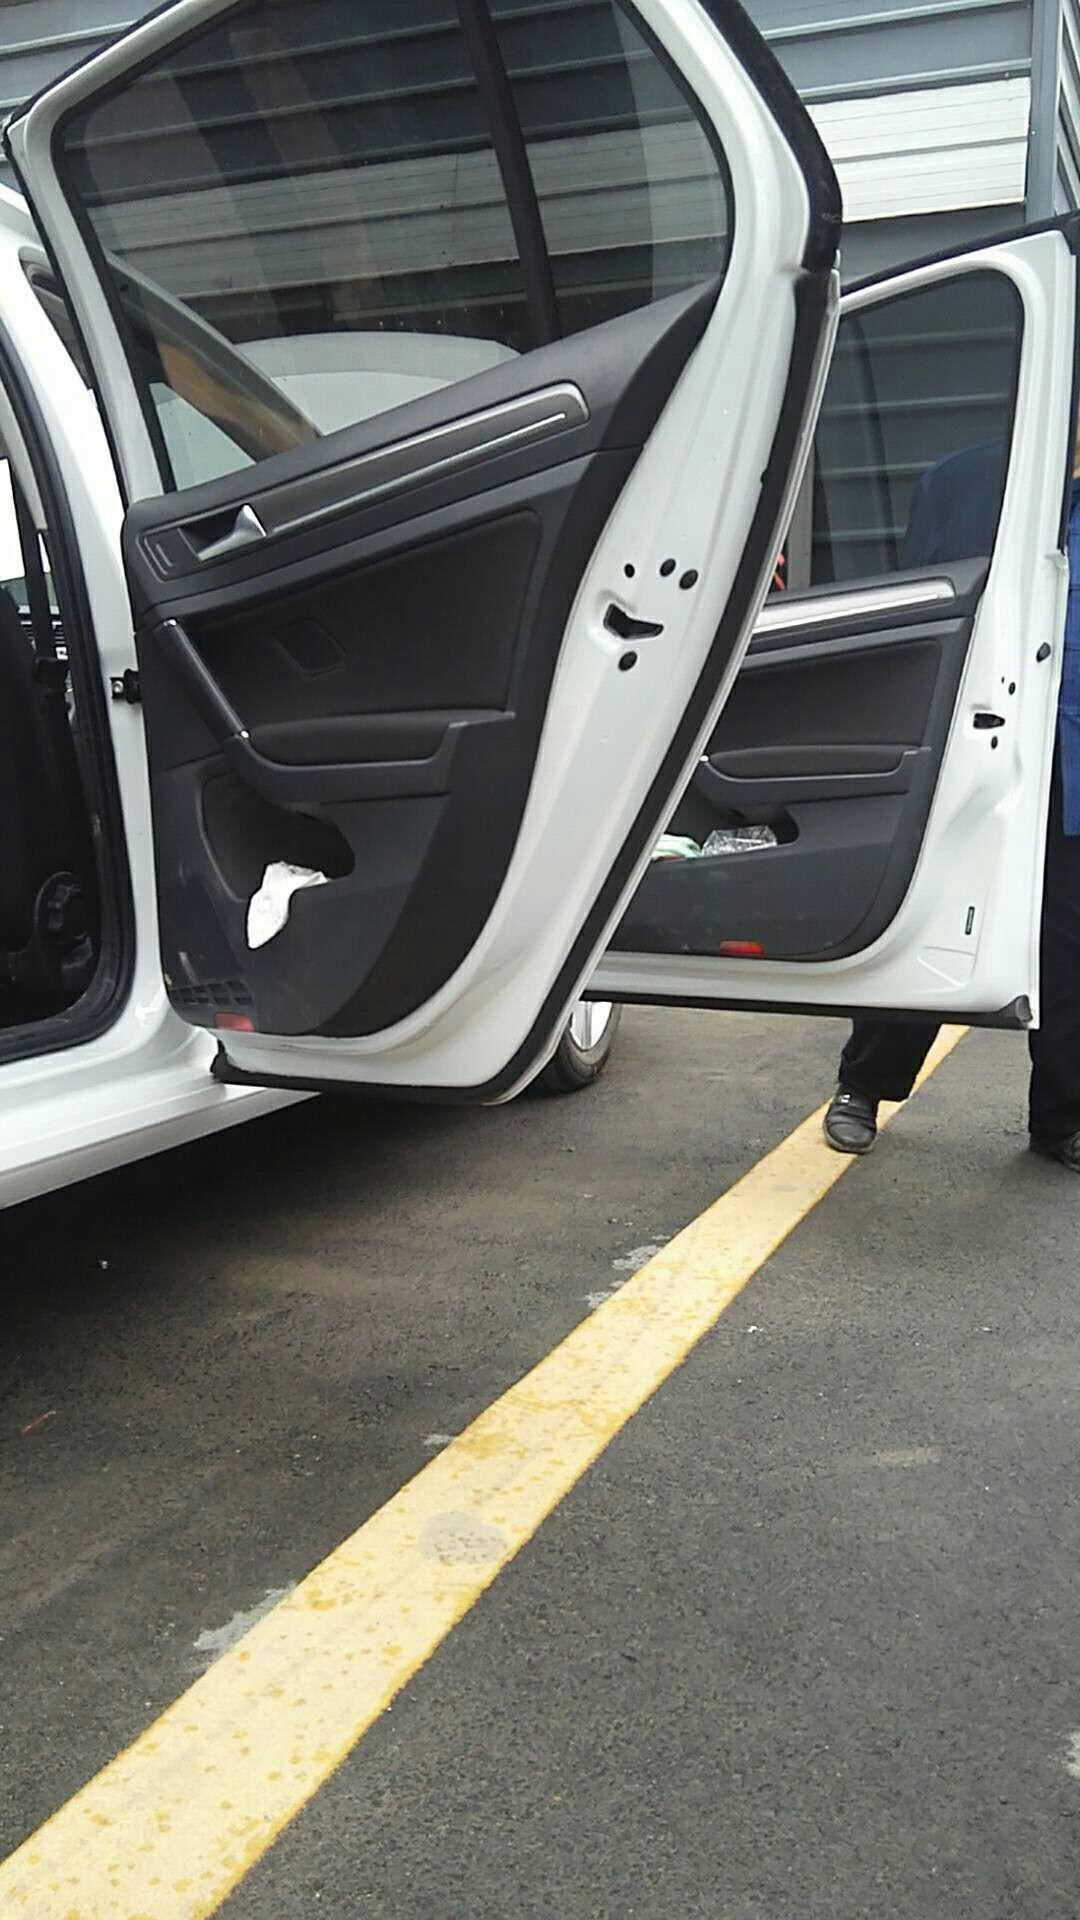 一汽大众-高尔夫 车辆没有铭牌,怀疑此车不是正品